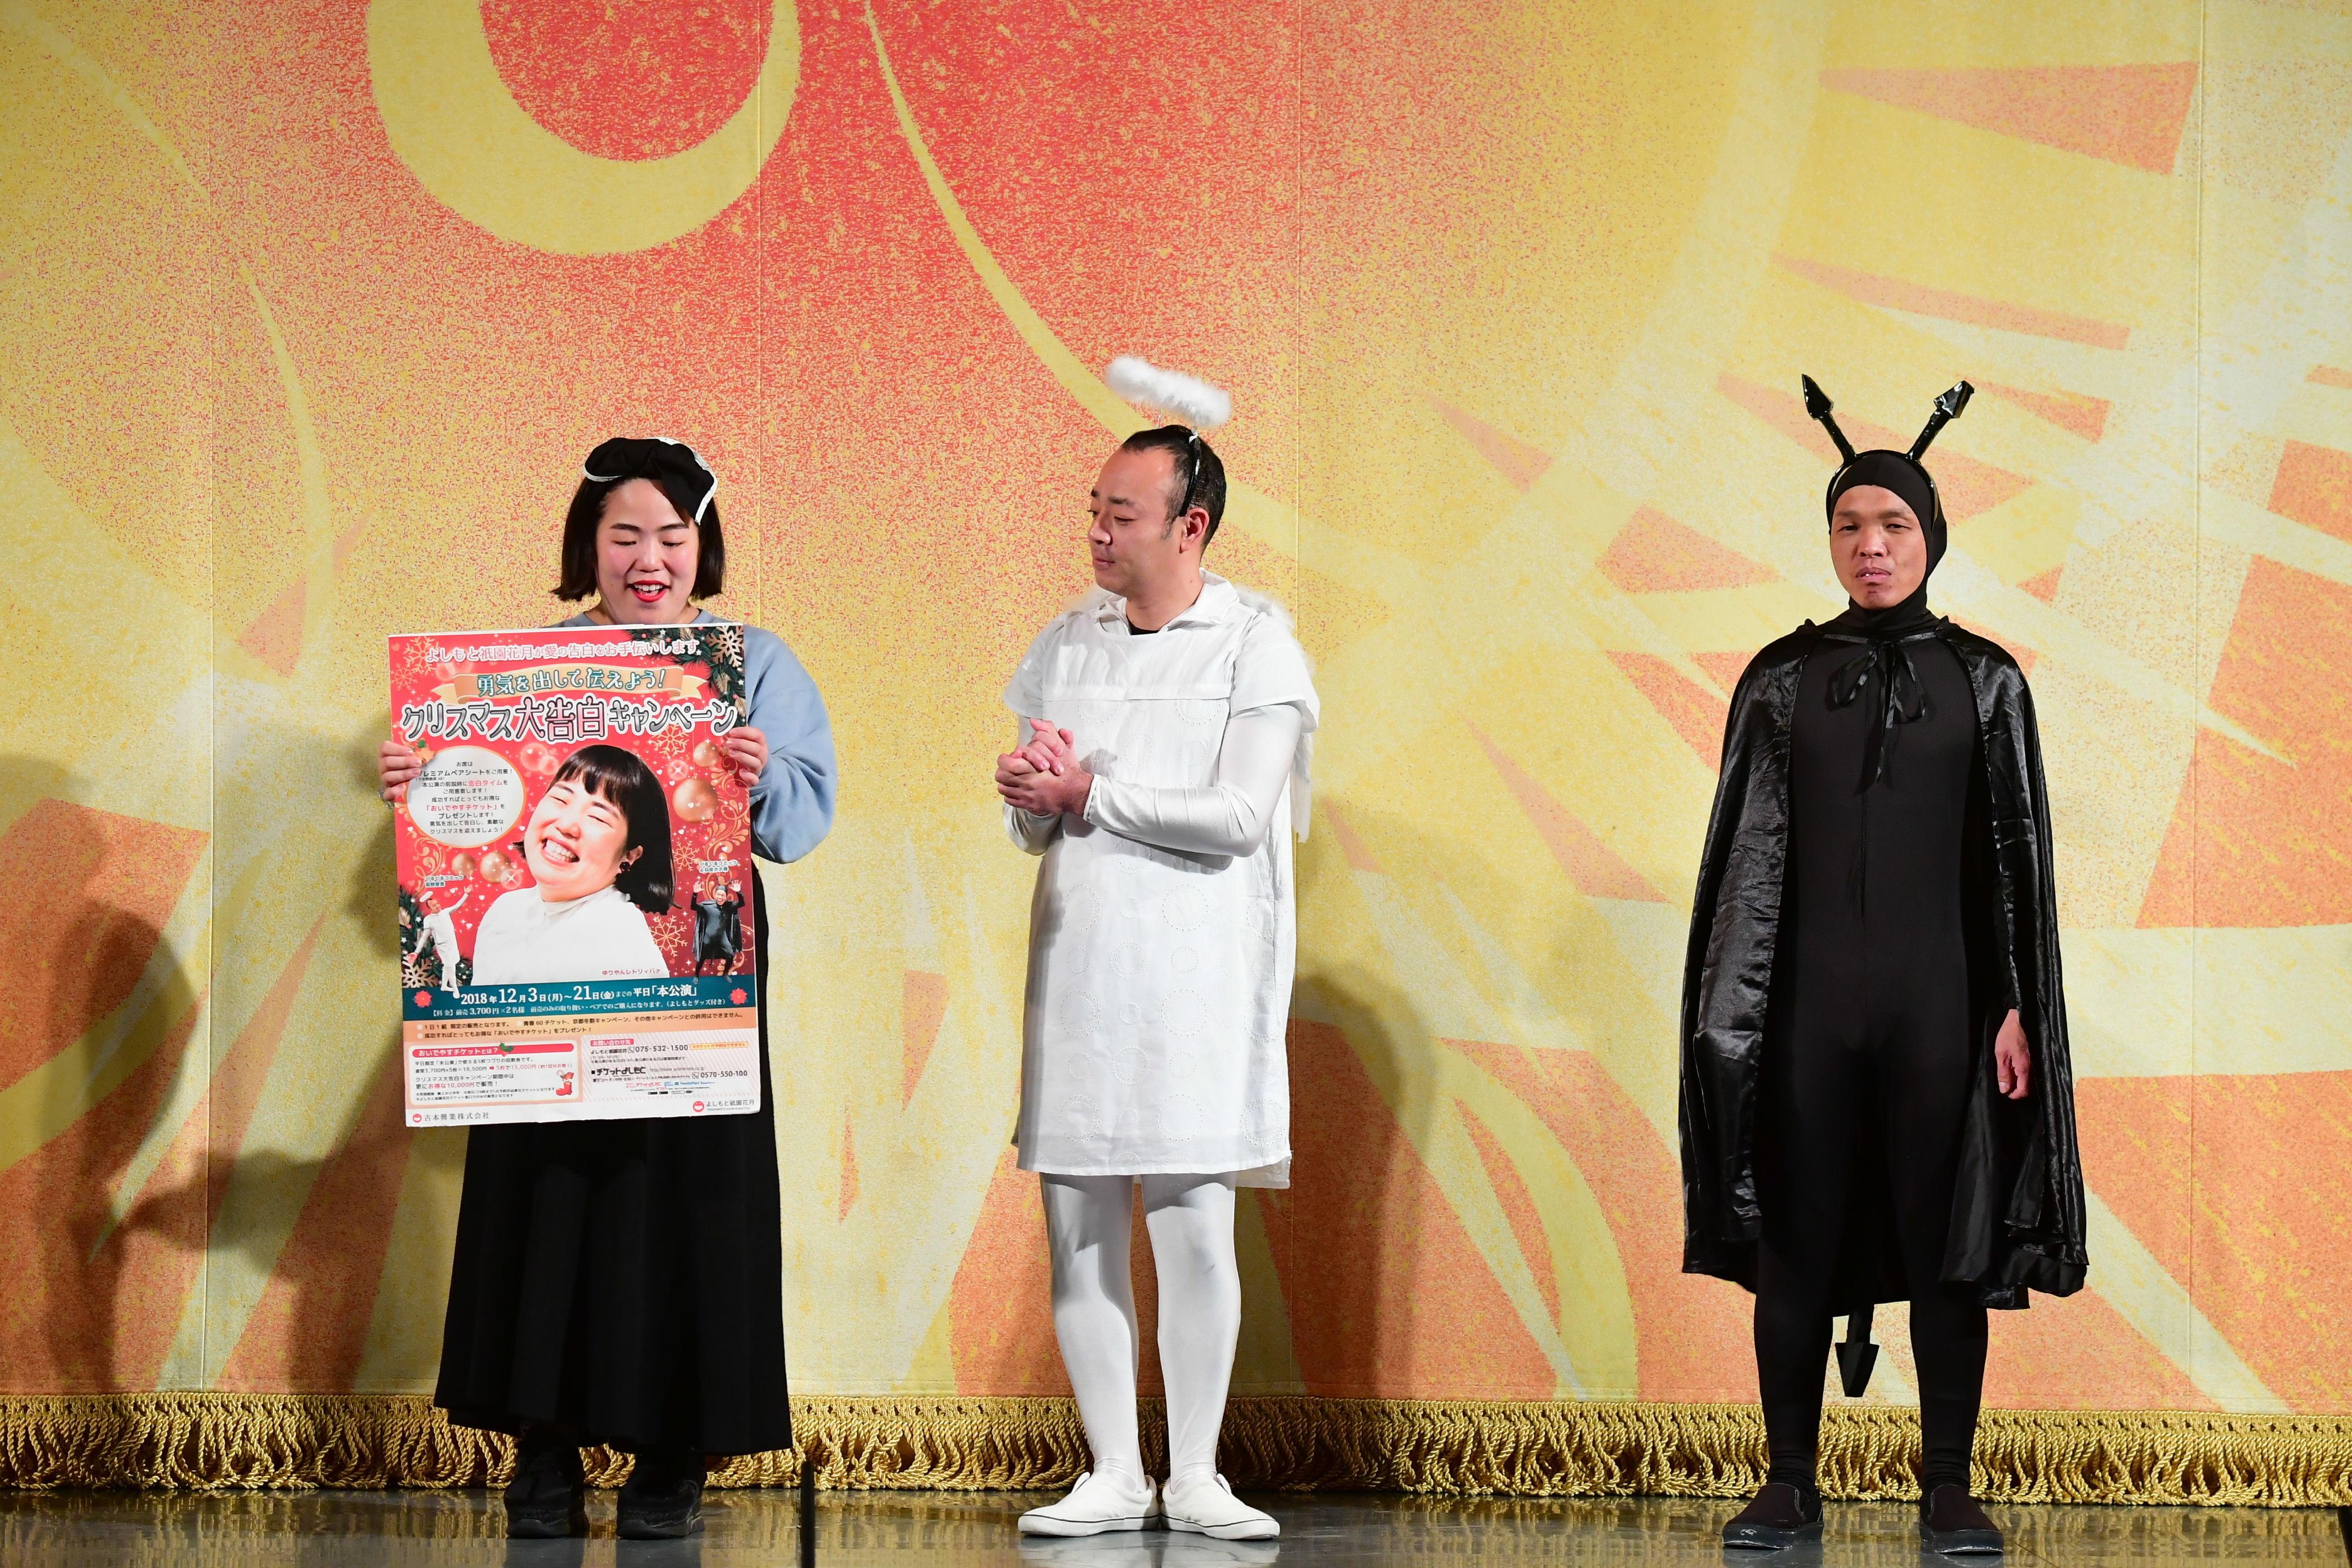 http://news.yoshimoto.co.jp/20181203174542-6eb2f2f243432496a98a0ff4912fb0940d3ad651.jpg